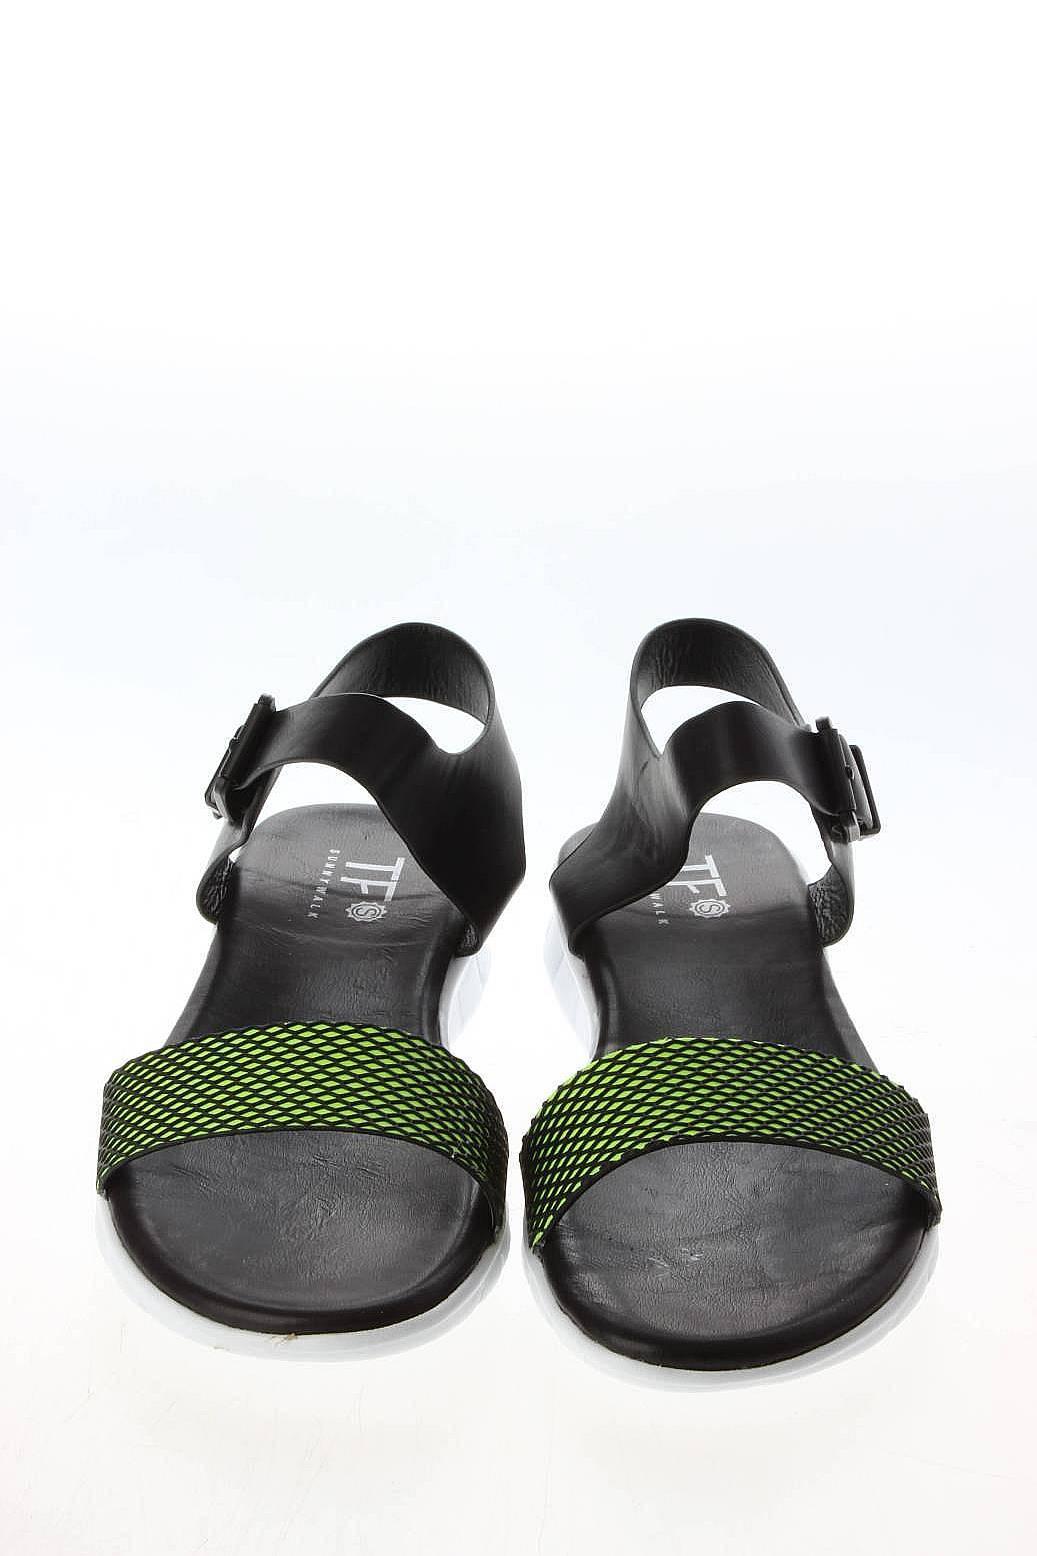 Мужская Обувь Детская Обувь Женская Обувь Сандалии: TF Обувь